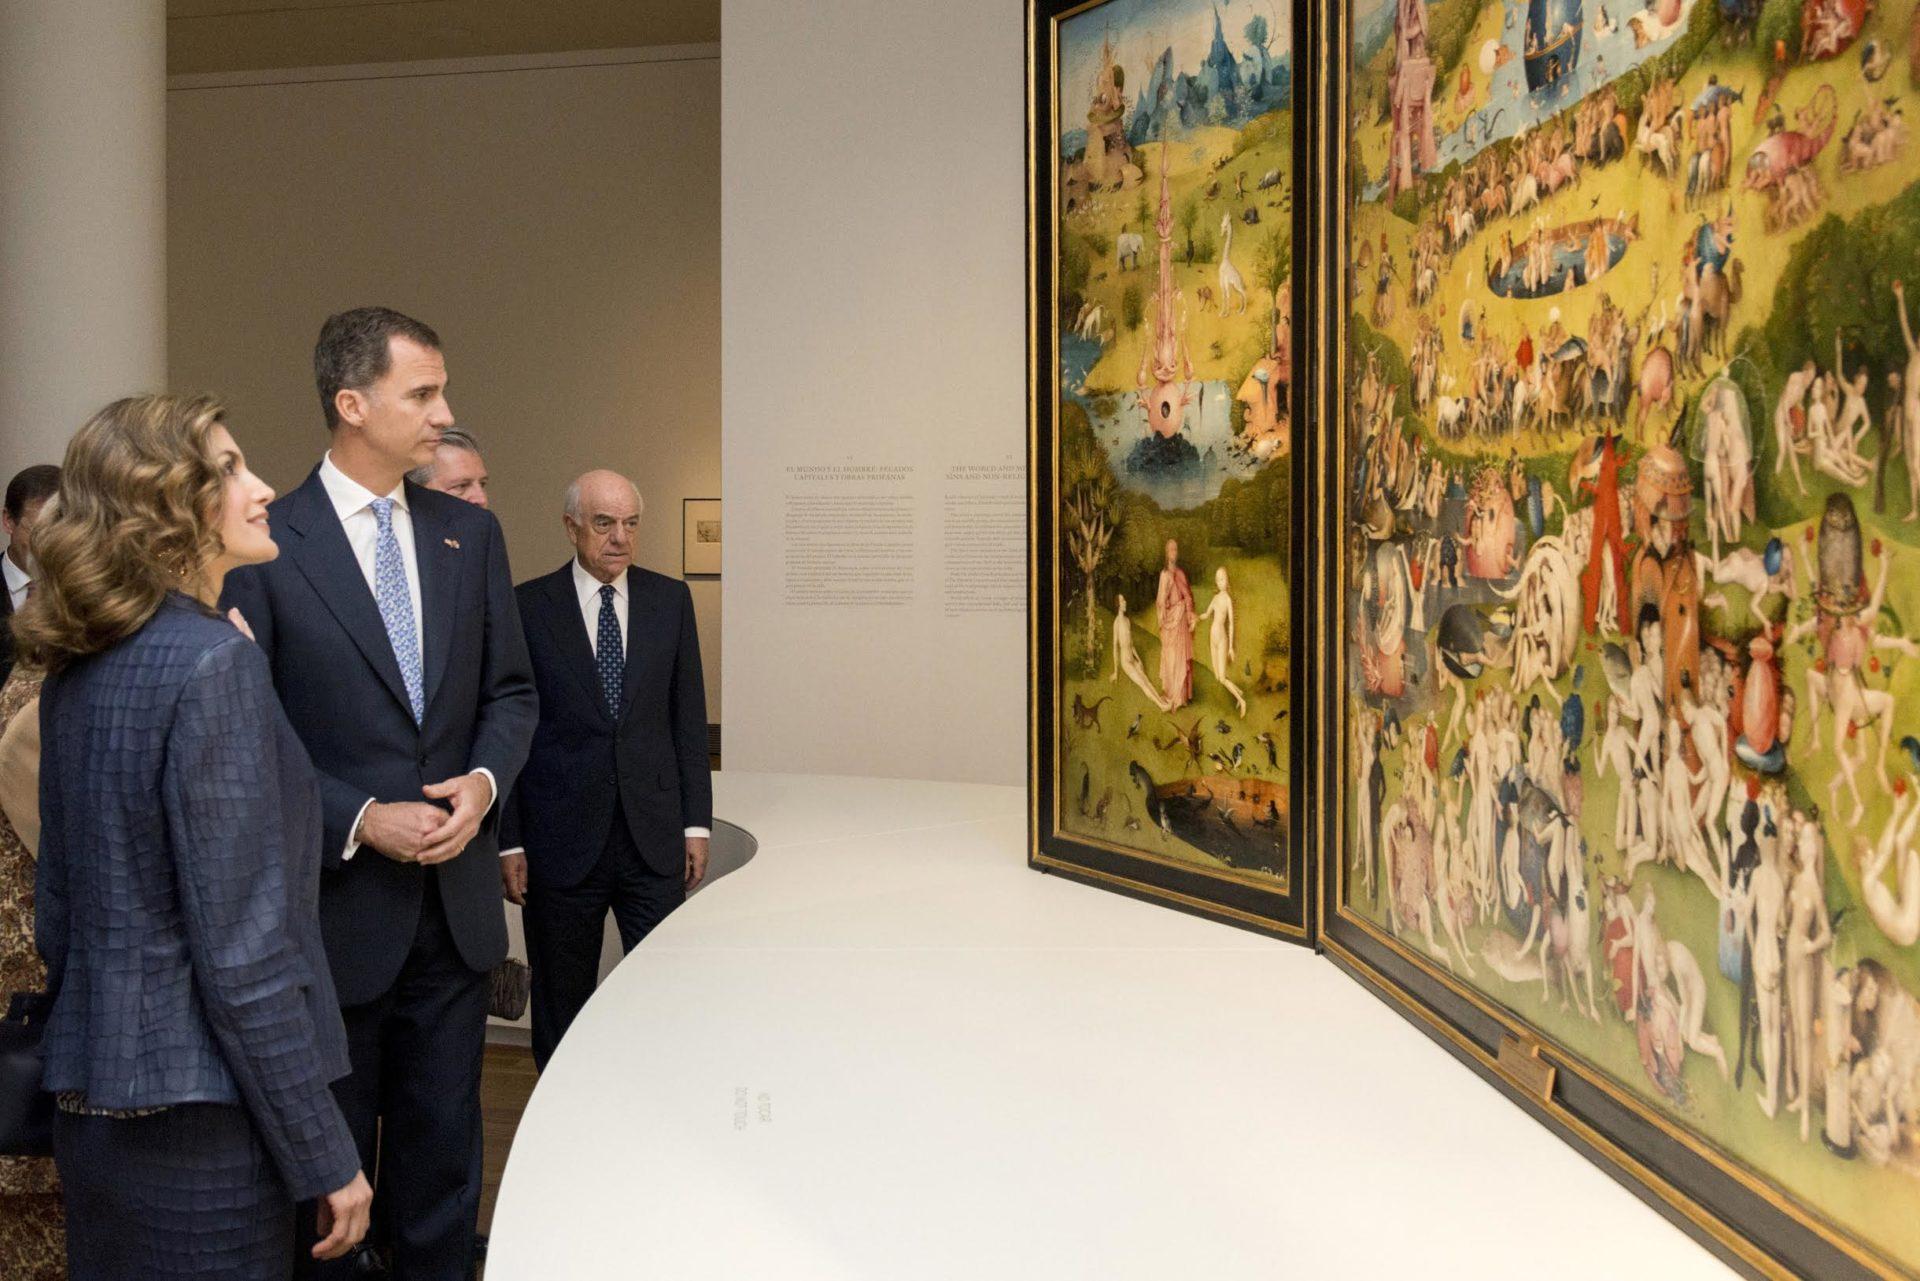 Los Reyes de España junto al presidente de BBVA, Francisco González, en la inauguración de la exposición sobre El Bosco